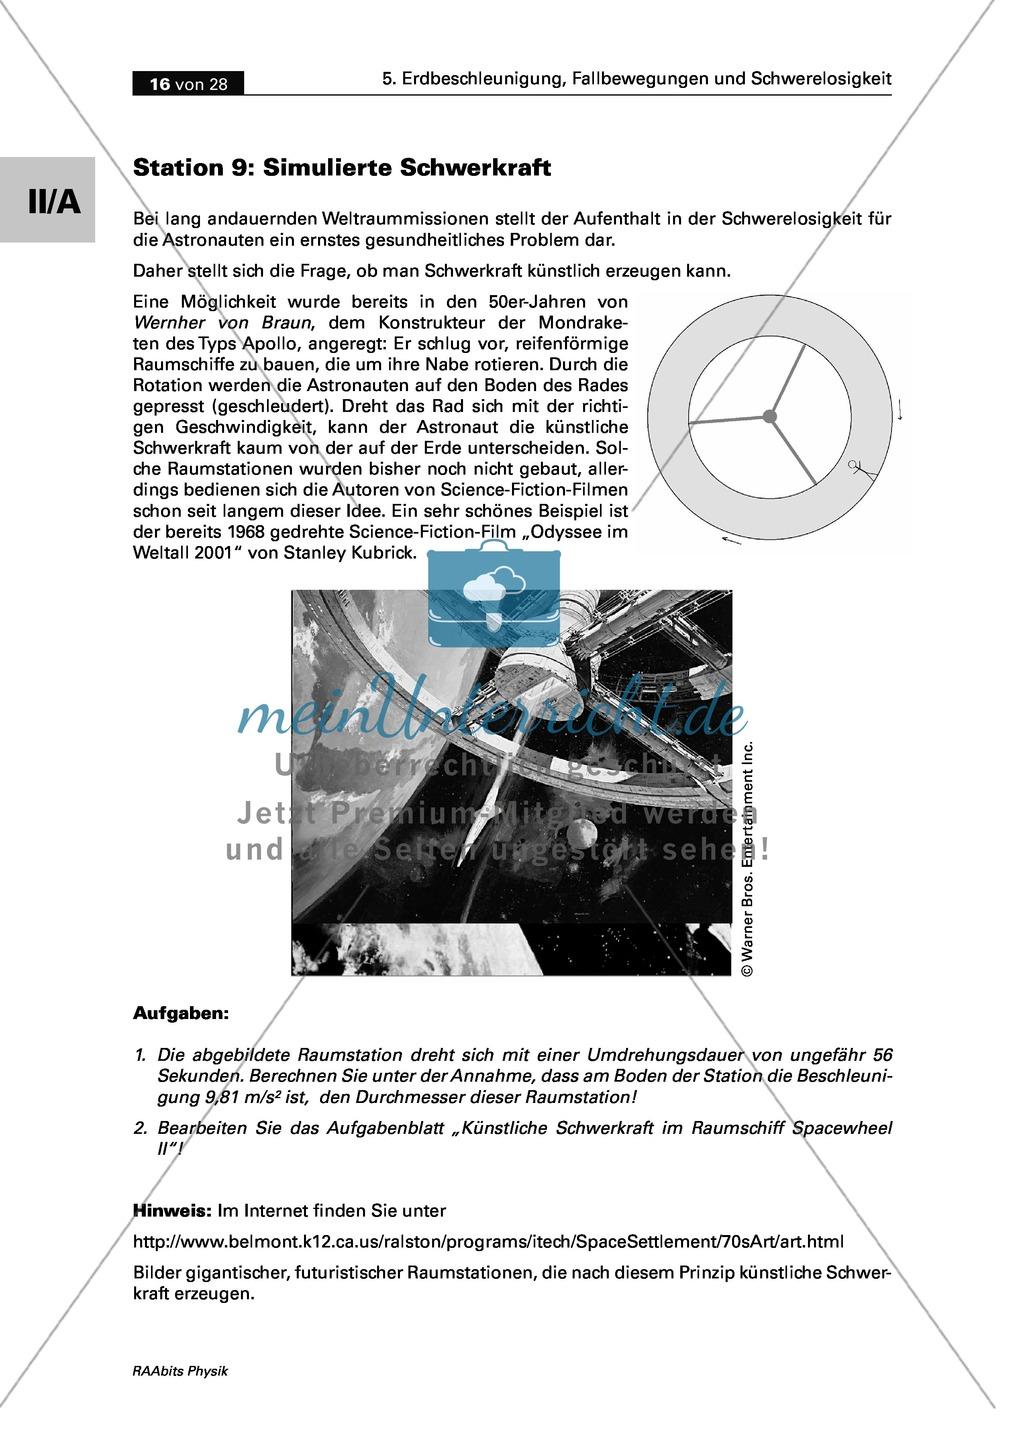 Groß Kreisbewegung Und Der Gravitation Arbeitsblatt Bilder - Mathe ...